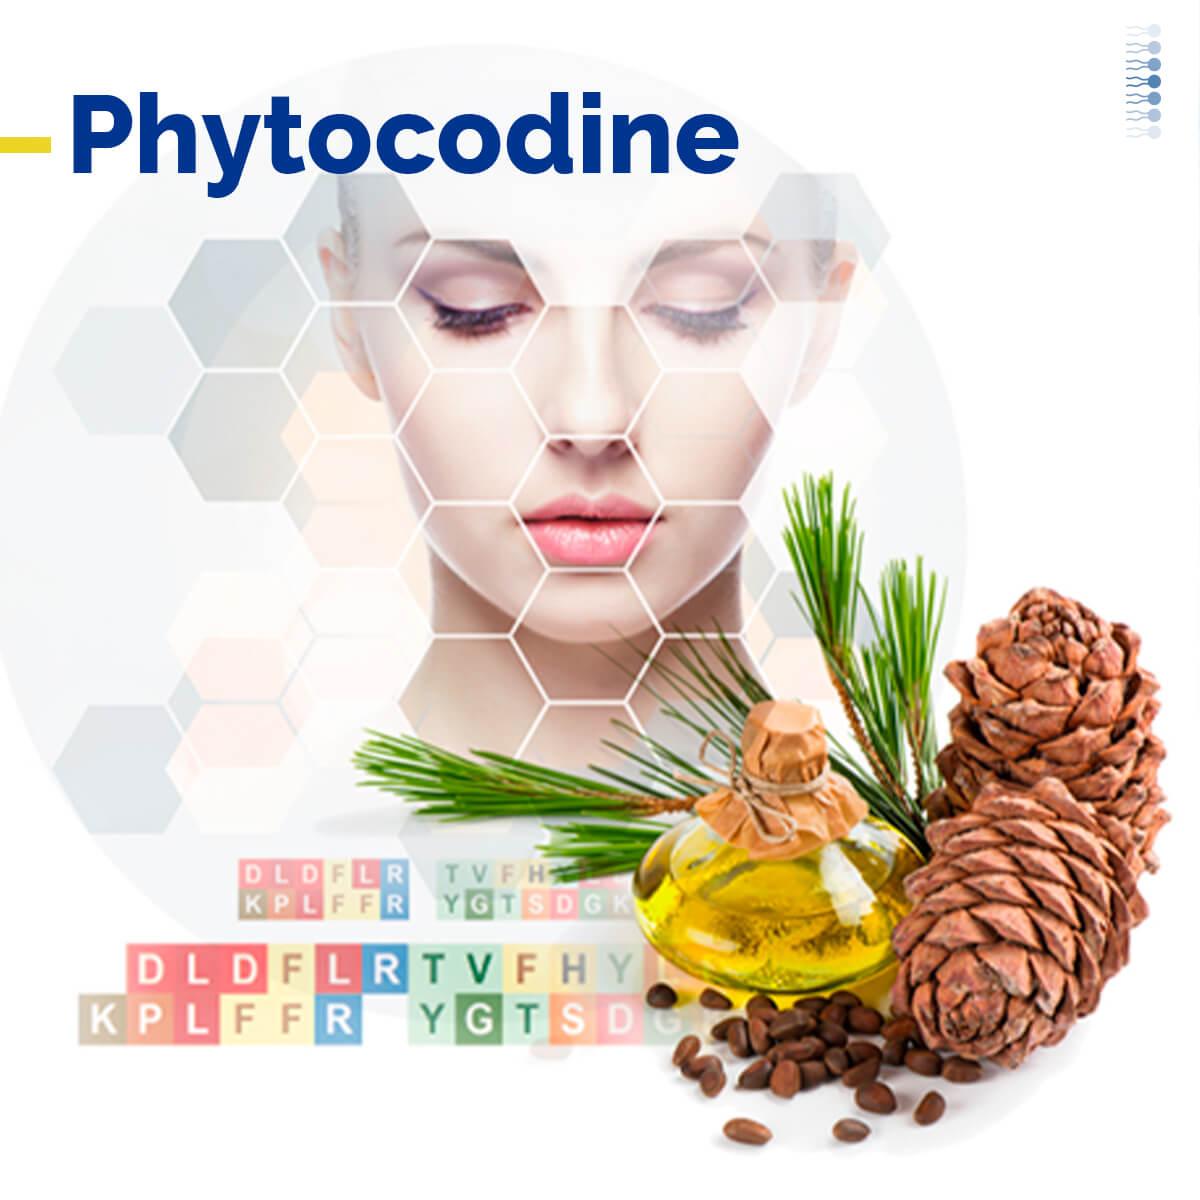 Lipoid Kosmetik lança novo ativo botânico: PhytoCodine<sup>®</sup>